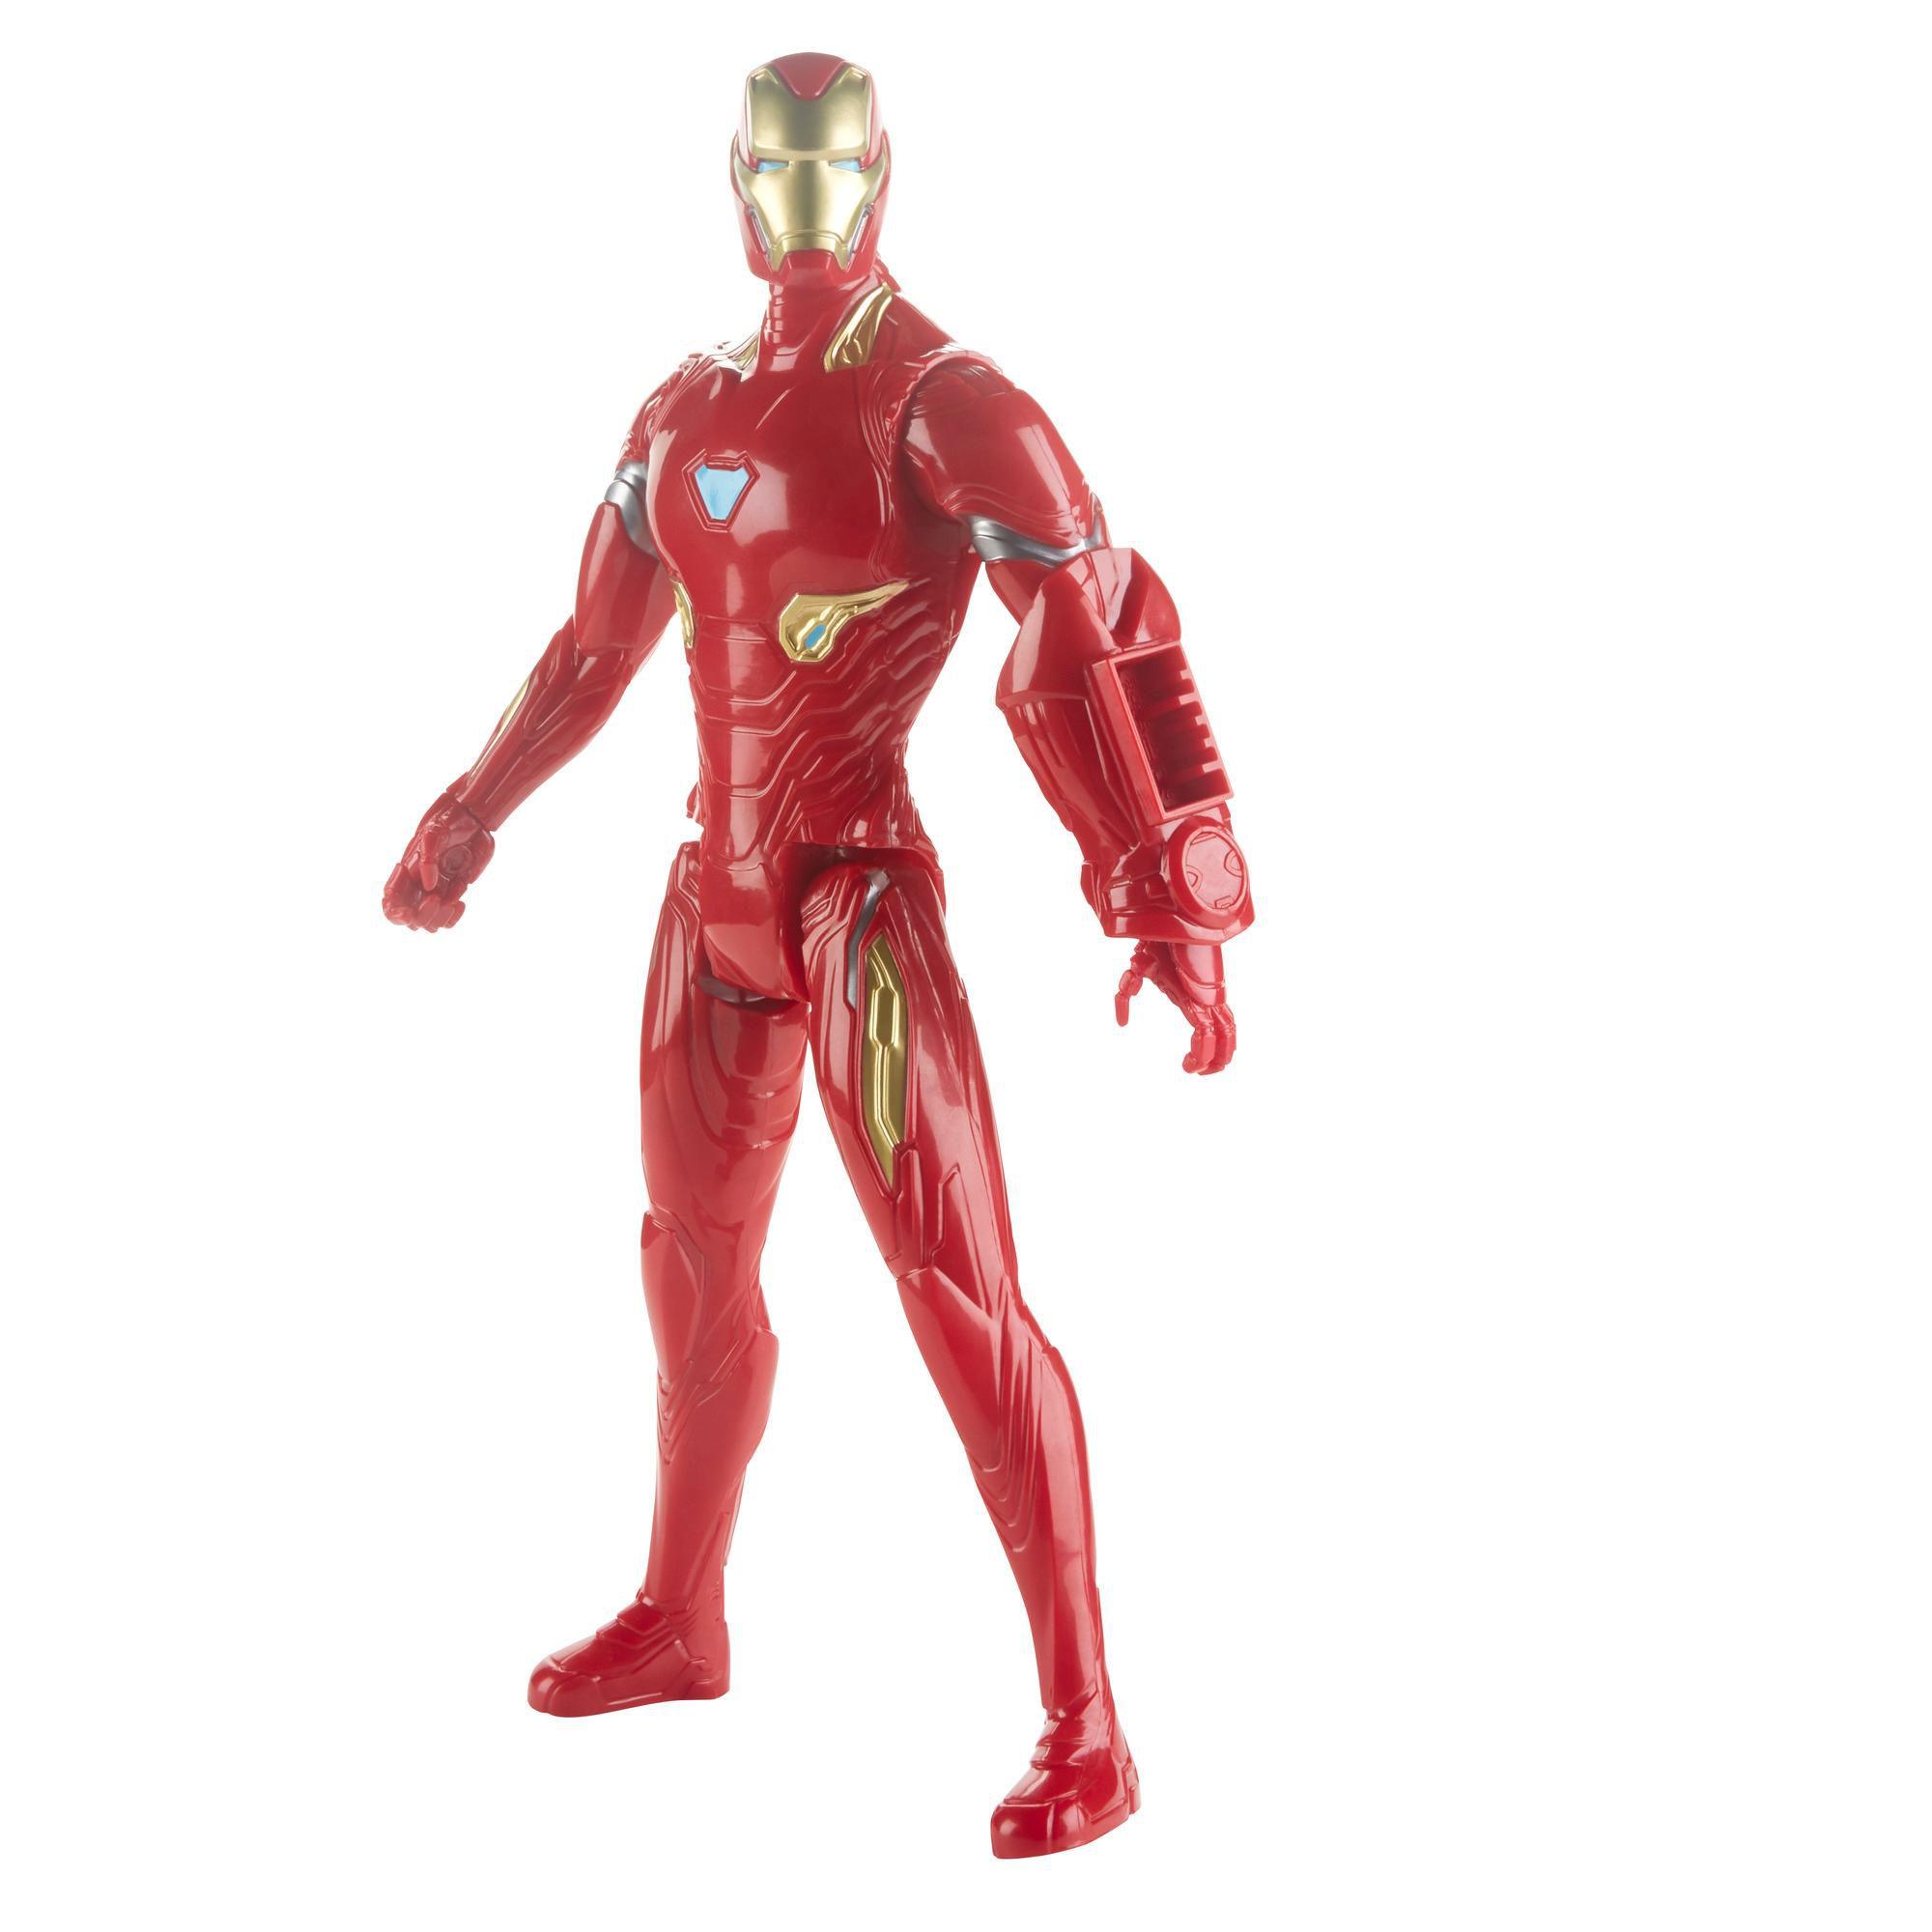 Marvel Avengers: Endgame- Titan Hero Series Homem de Ferro - Hasbro - E3918